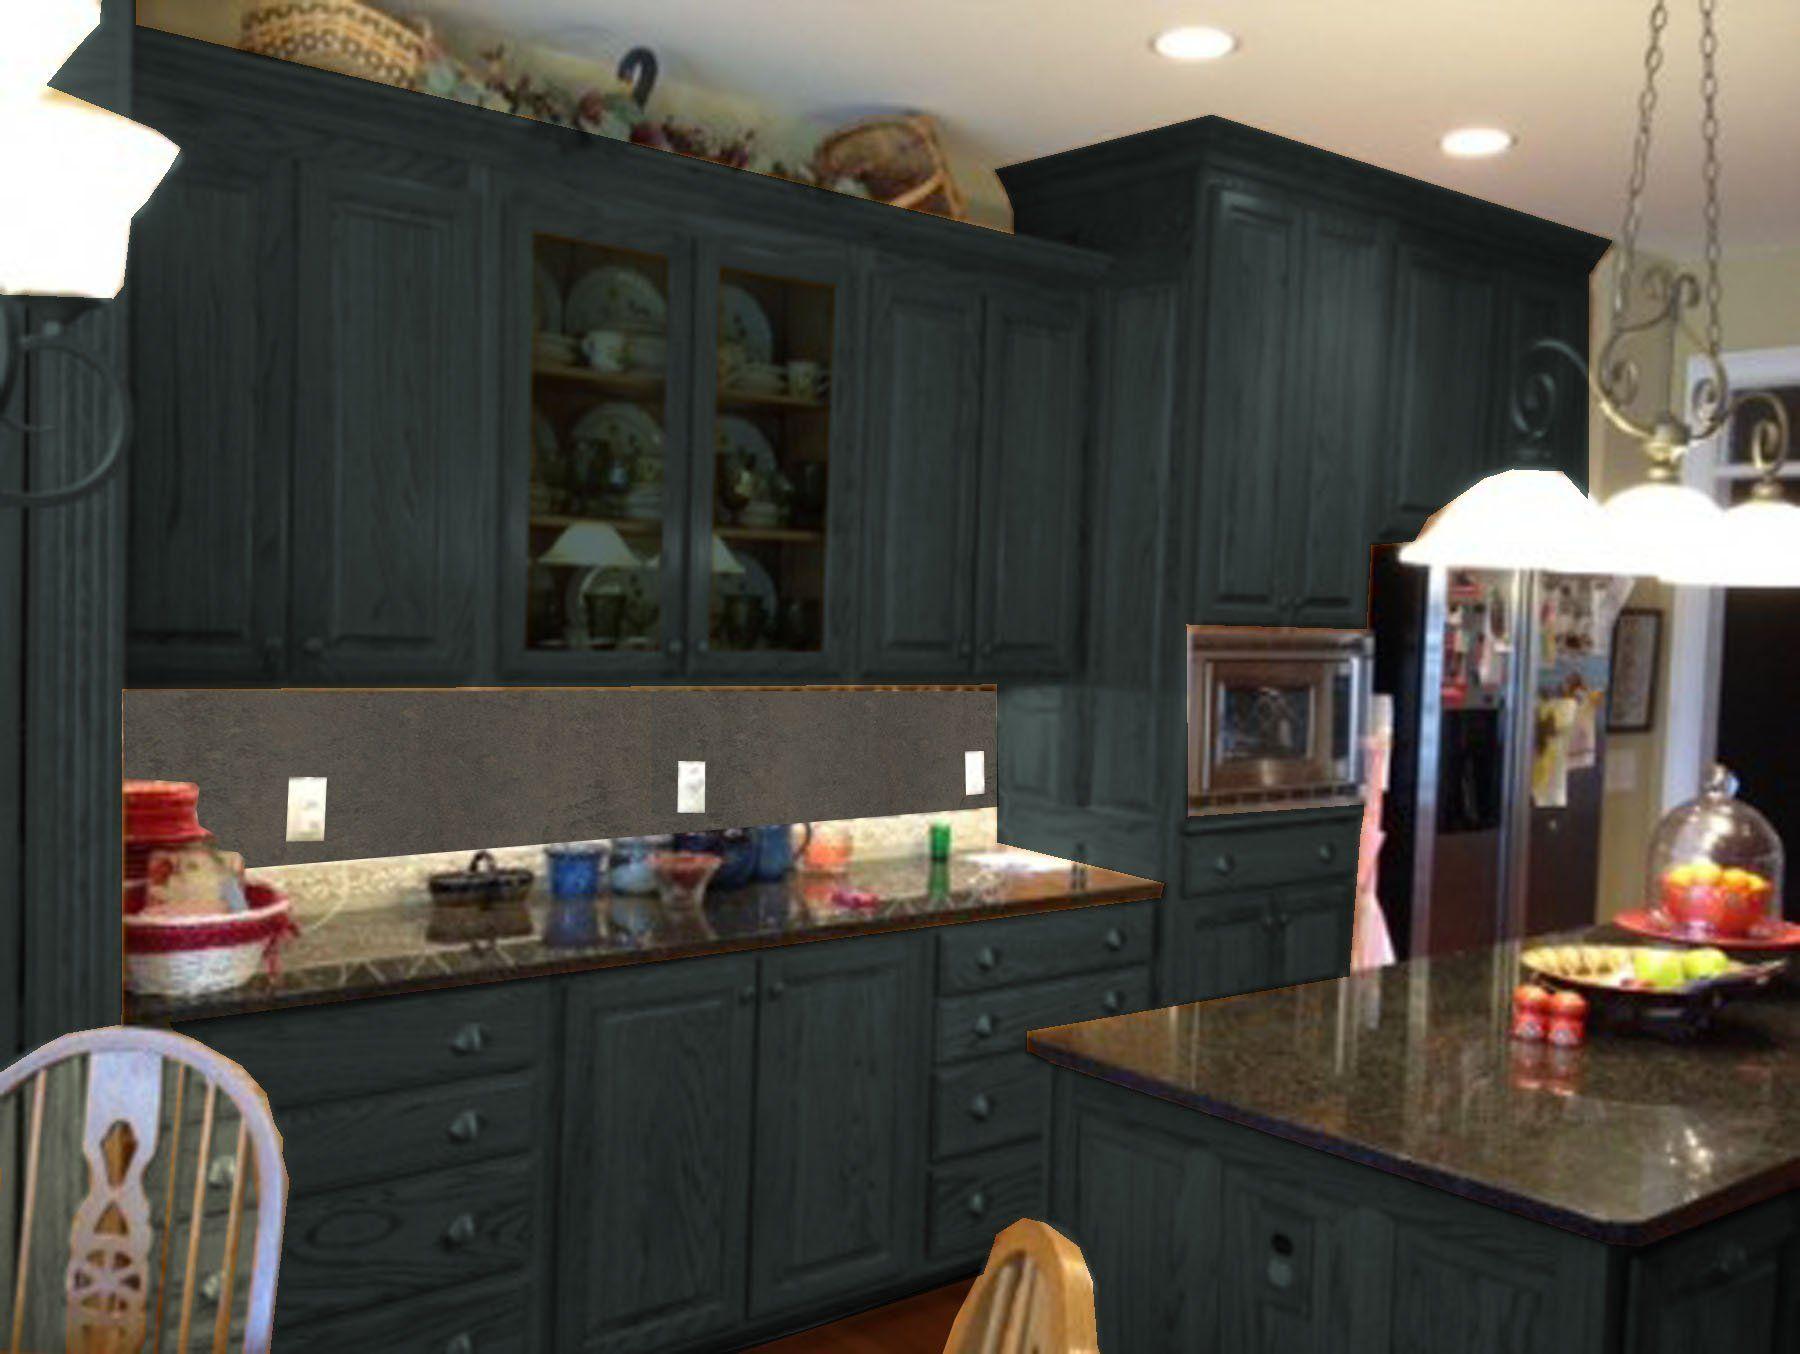 Kitchen Ideas Inspiring Painting Oak Cabinets Painting Oak Cabinets Oak Kitchen Cabinets Dark Brown Home Design Ideas Painting Oak Kitchen Kitchen Ideas Inspir